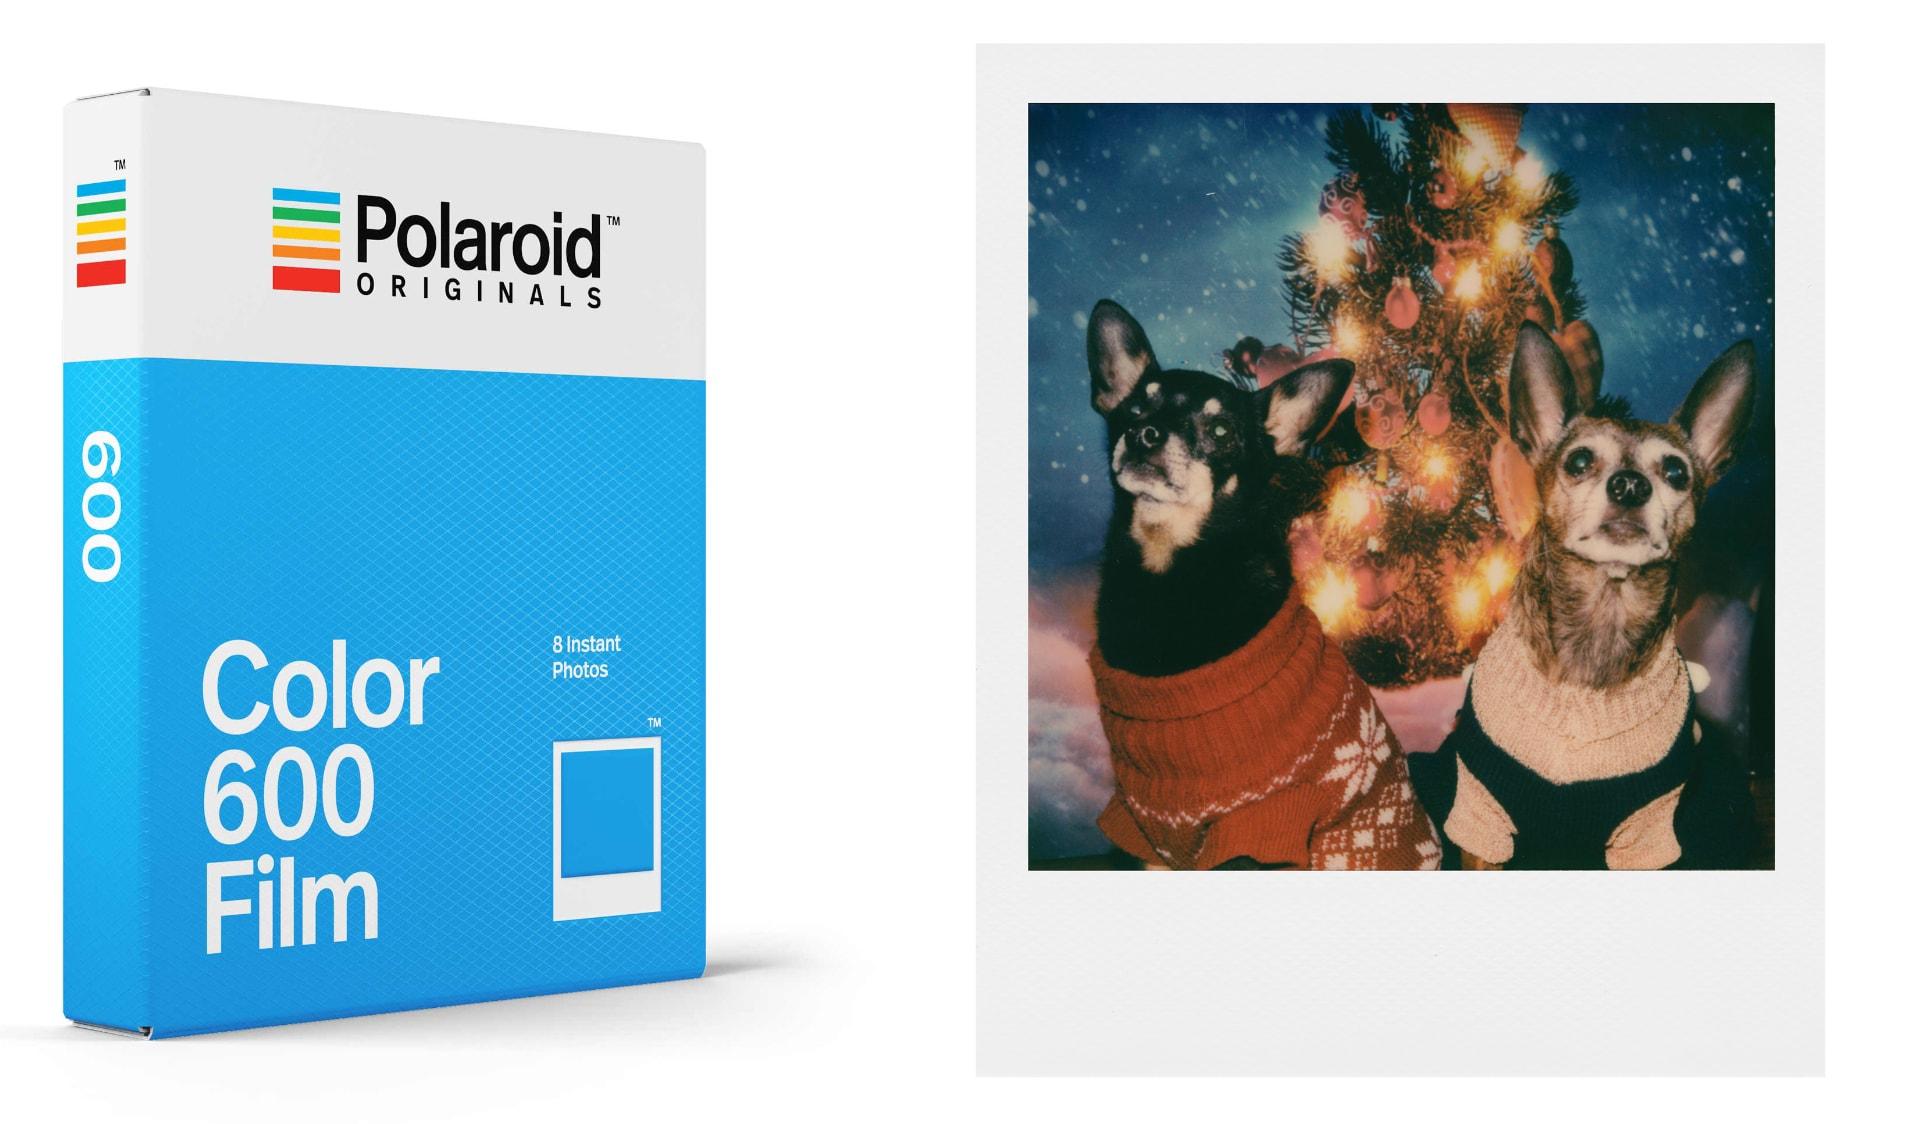 Филм 600 Polaroid